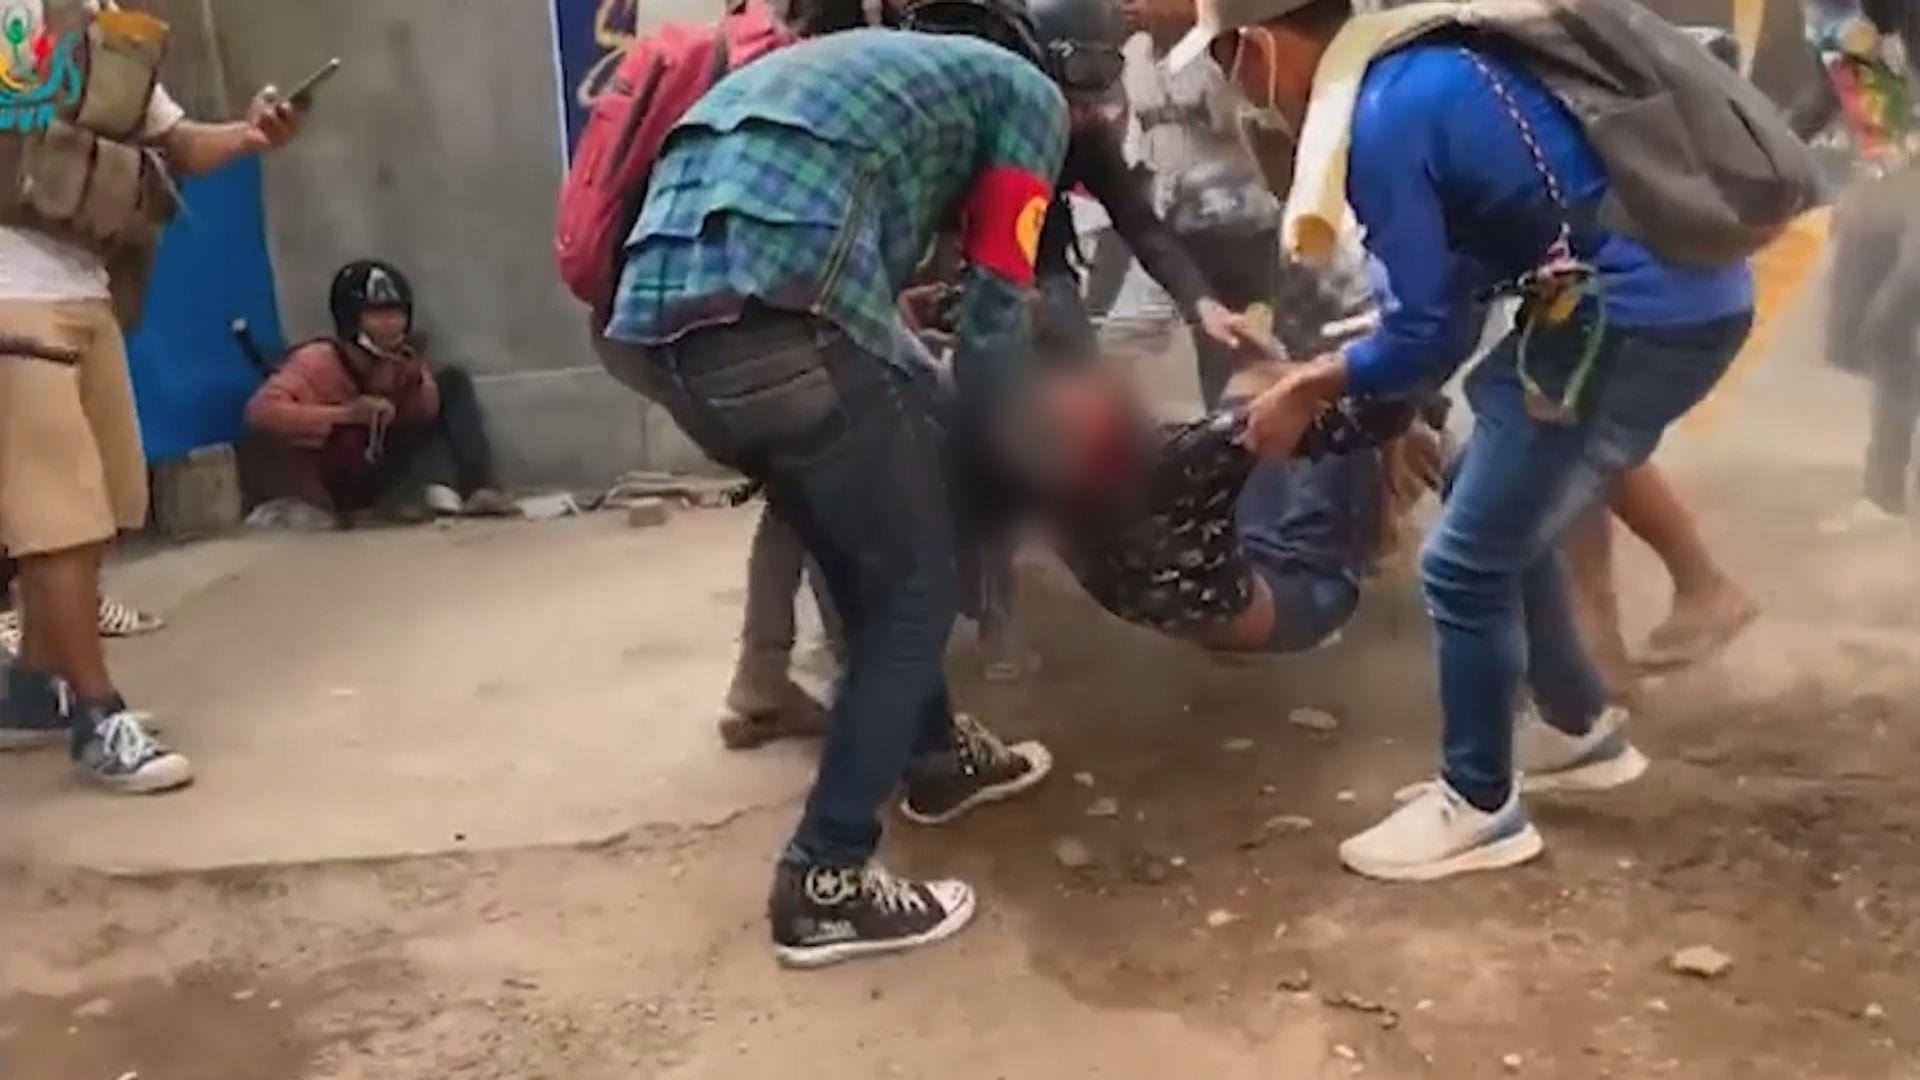 緬甸反軍事政變示威持續 軍警開槍鎮壓最少六死